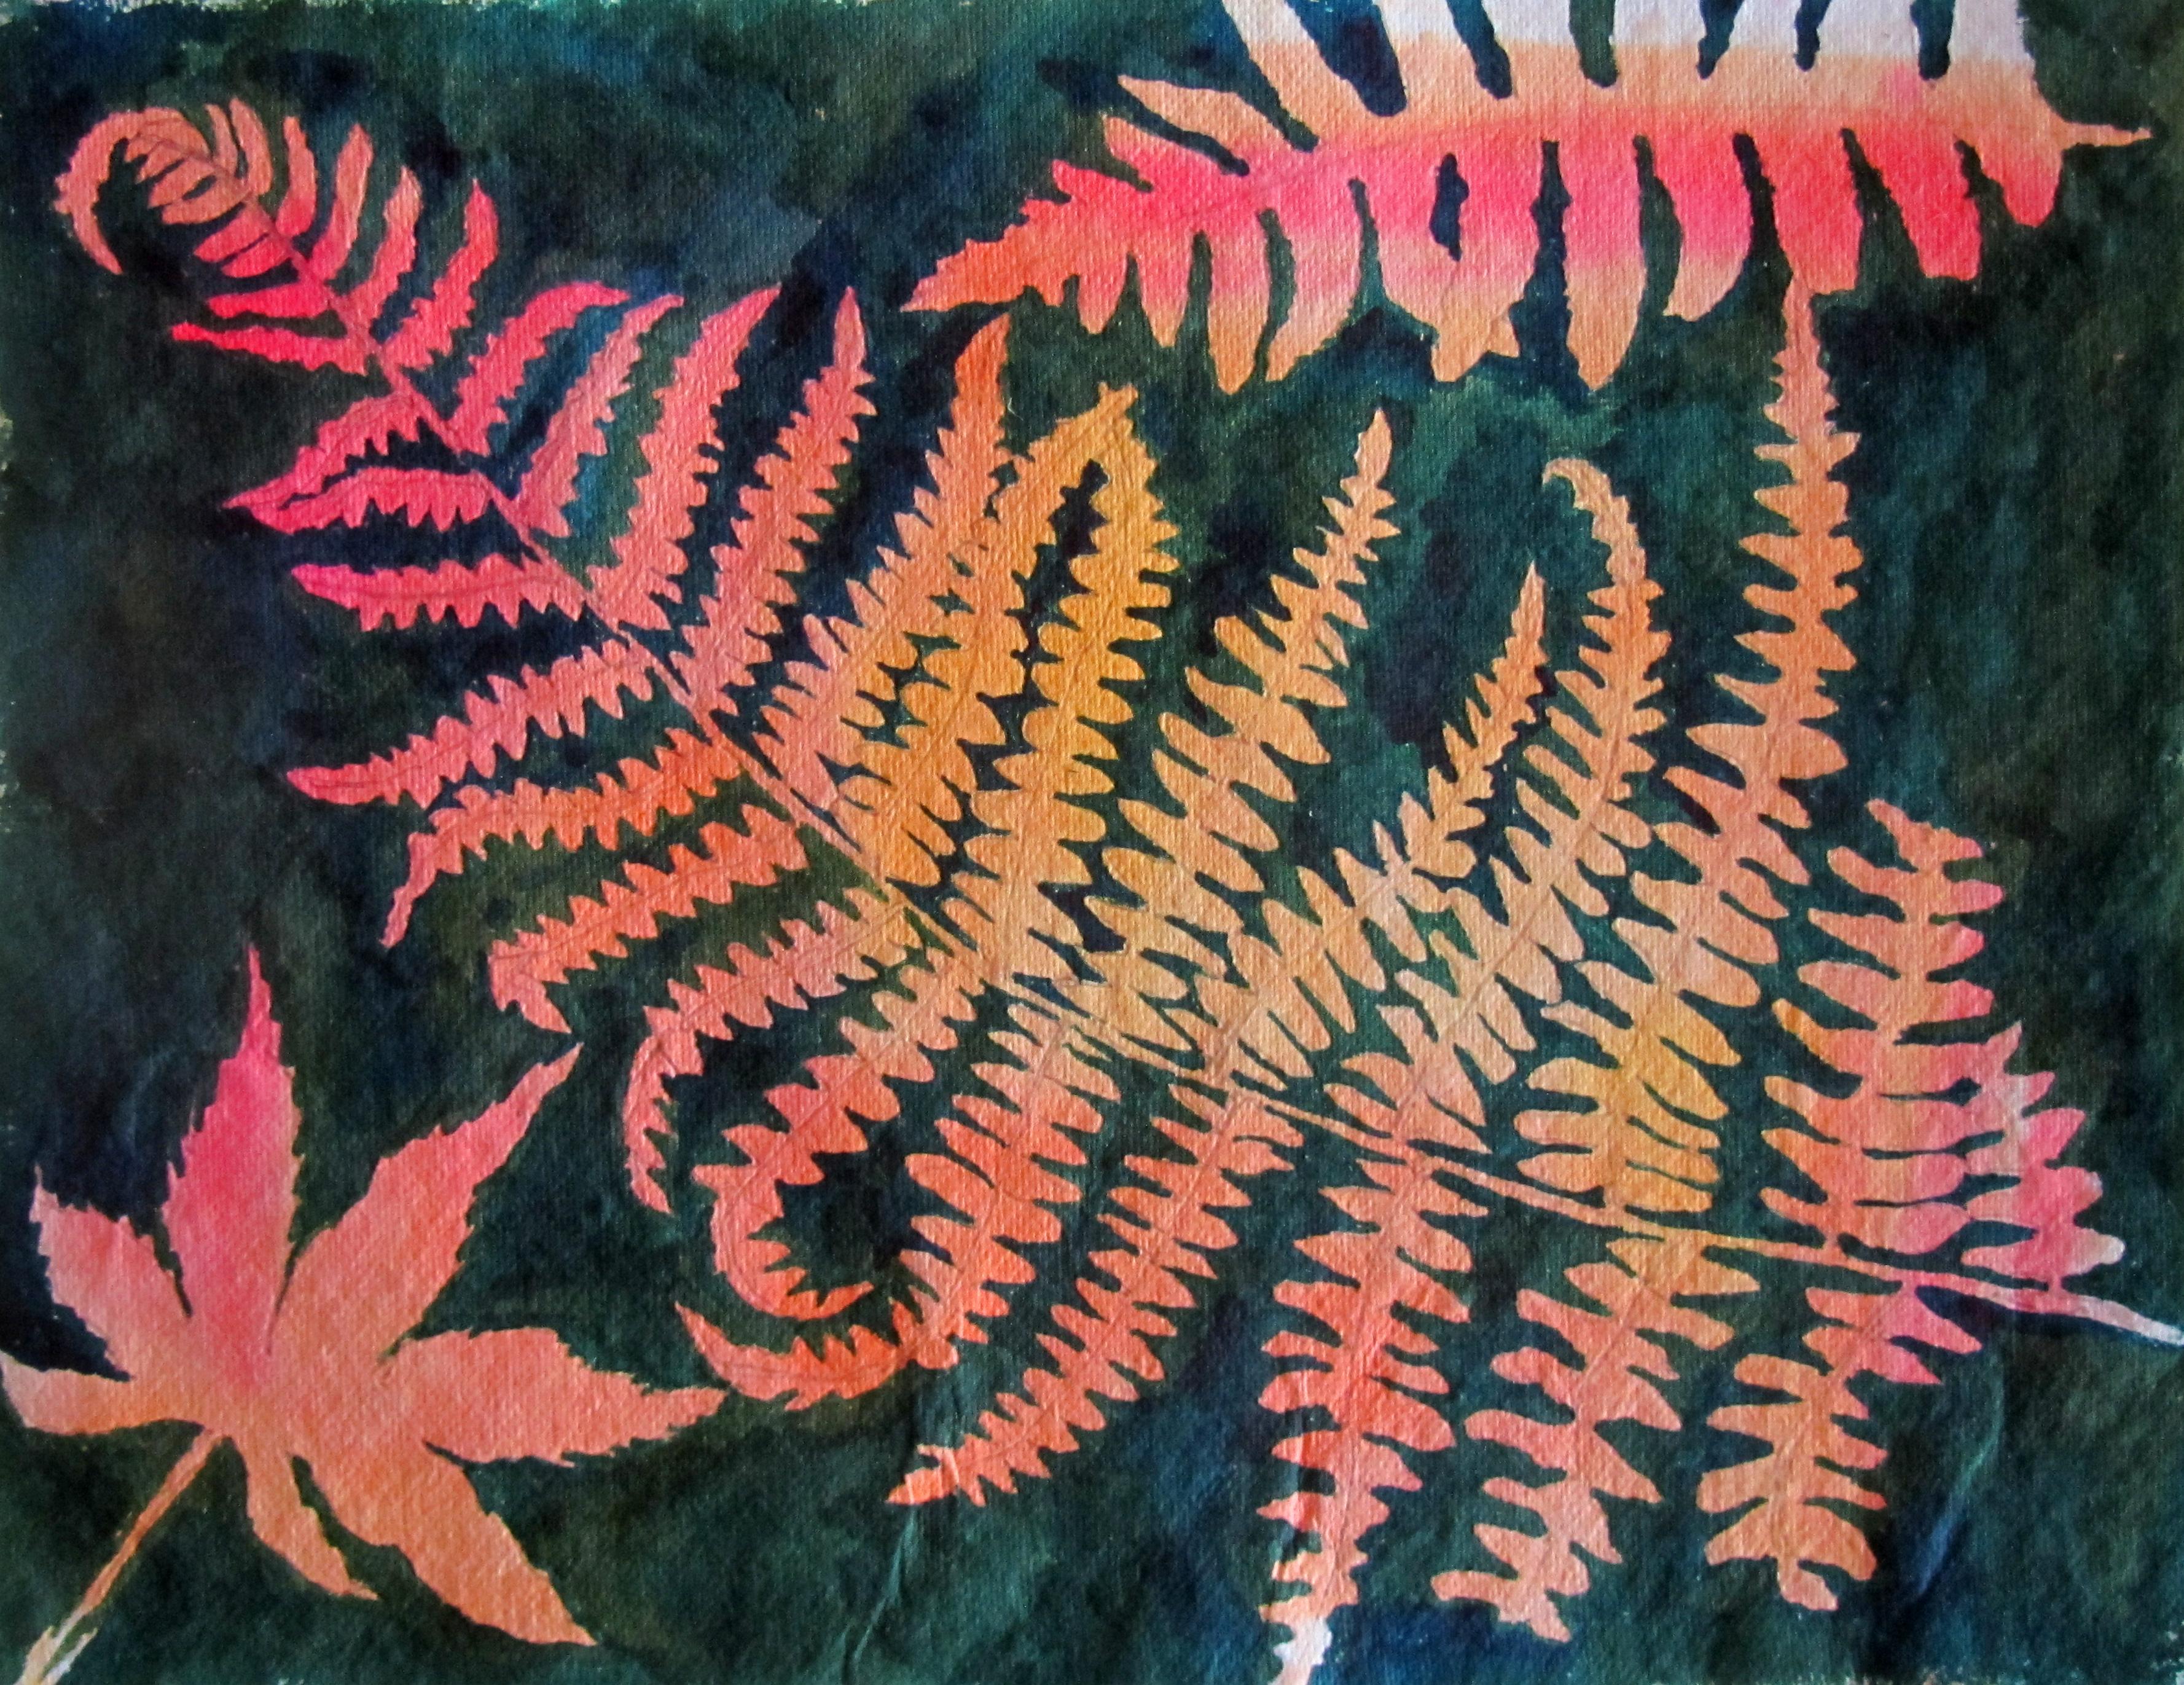 Arne autumn leaves